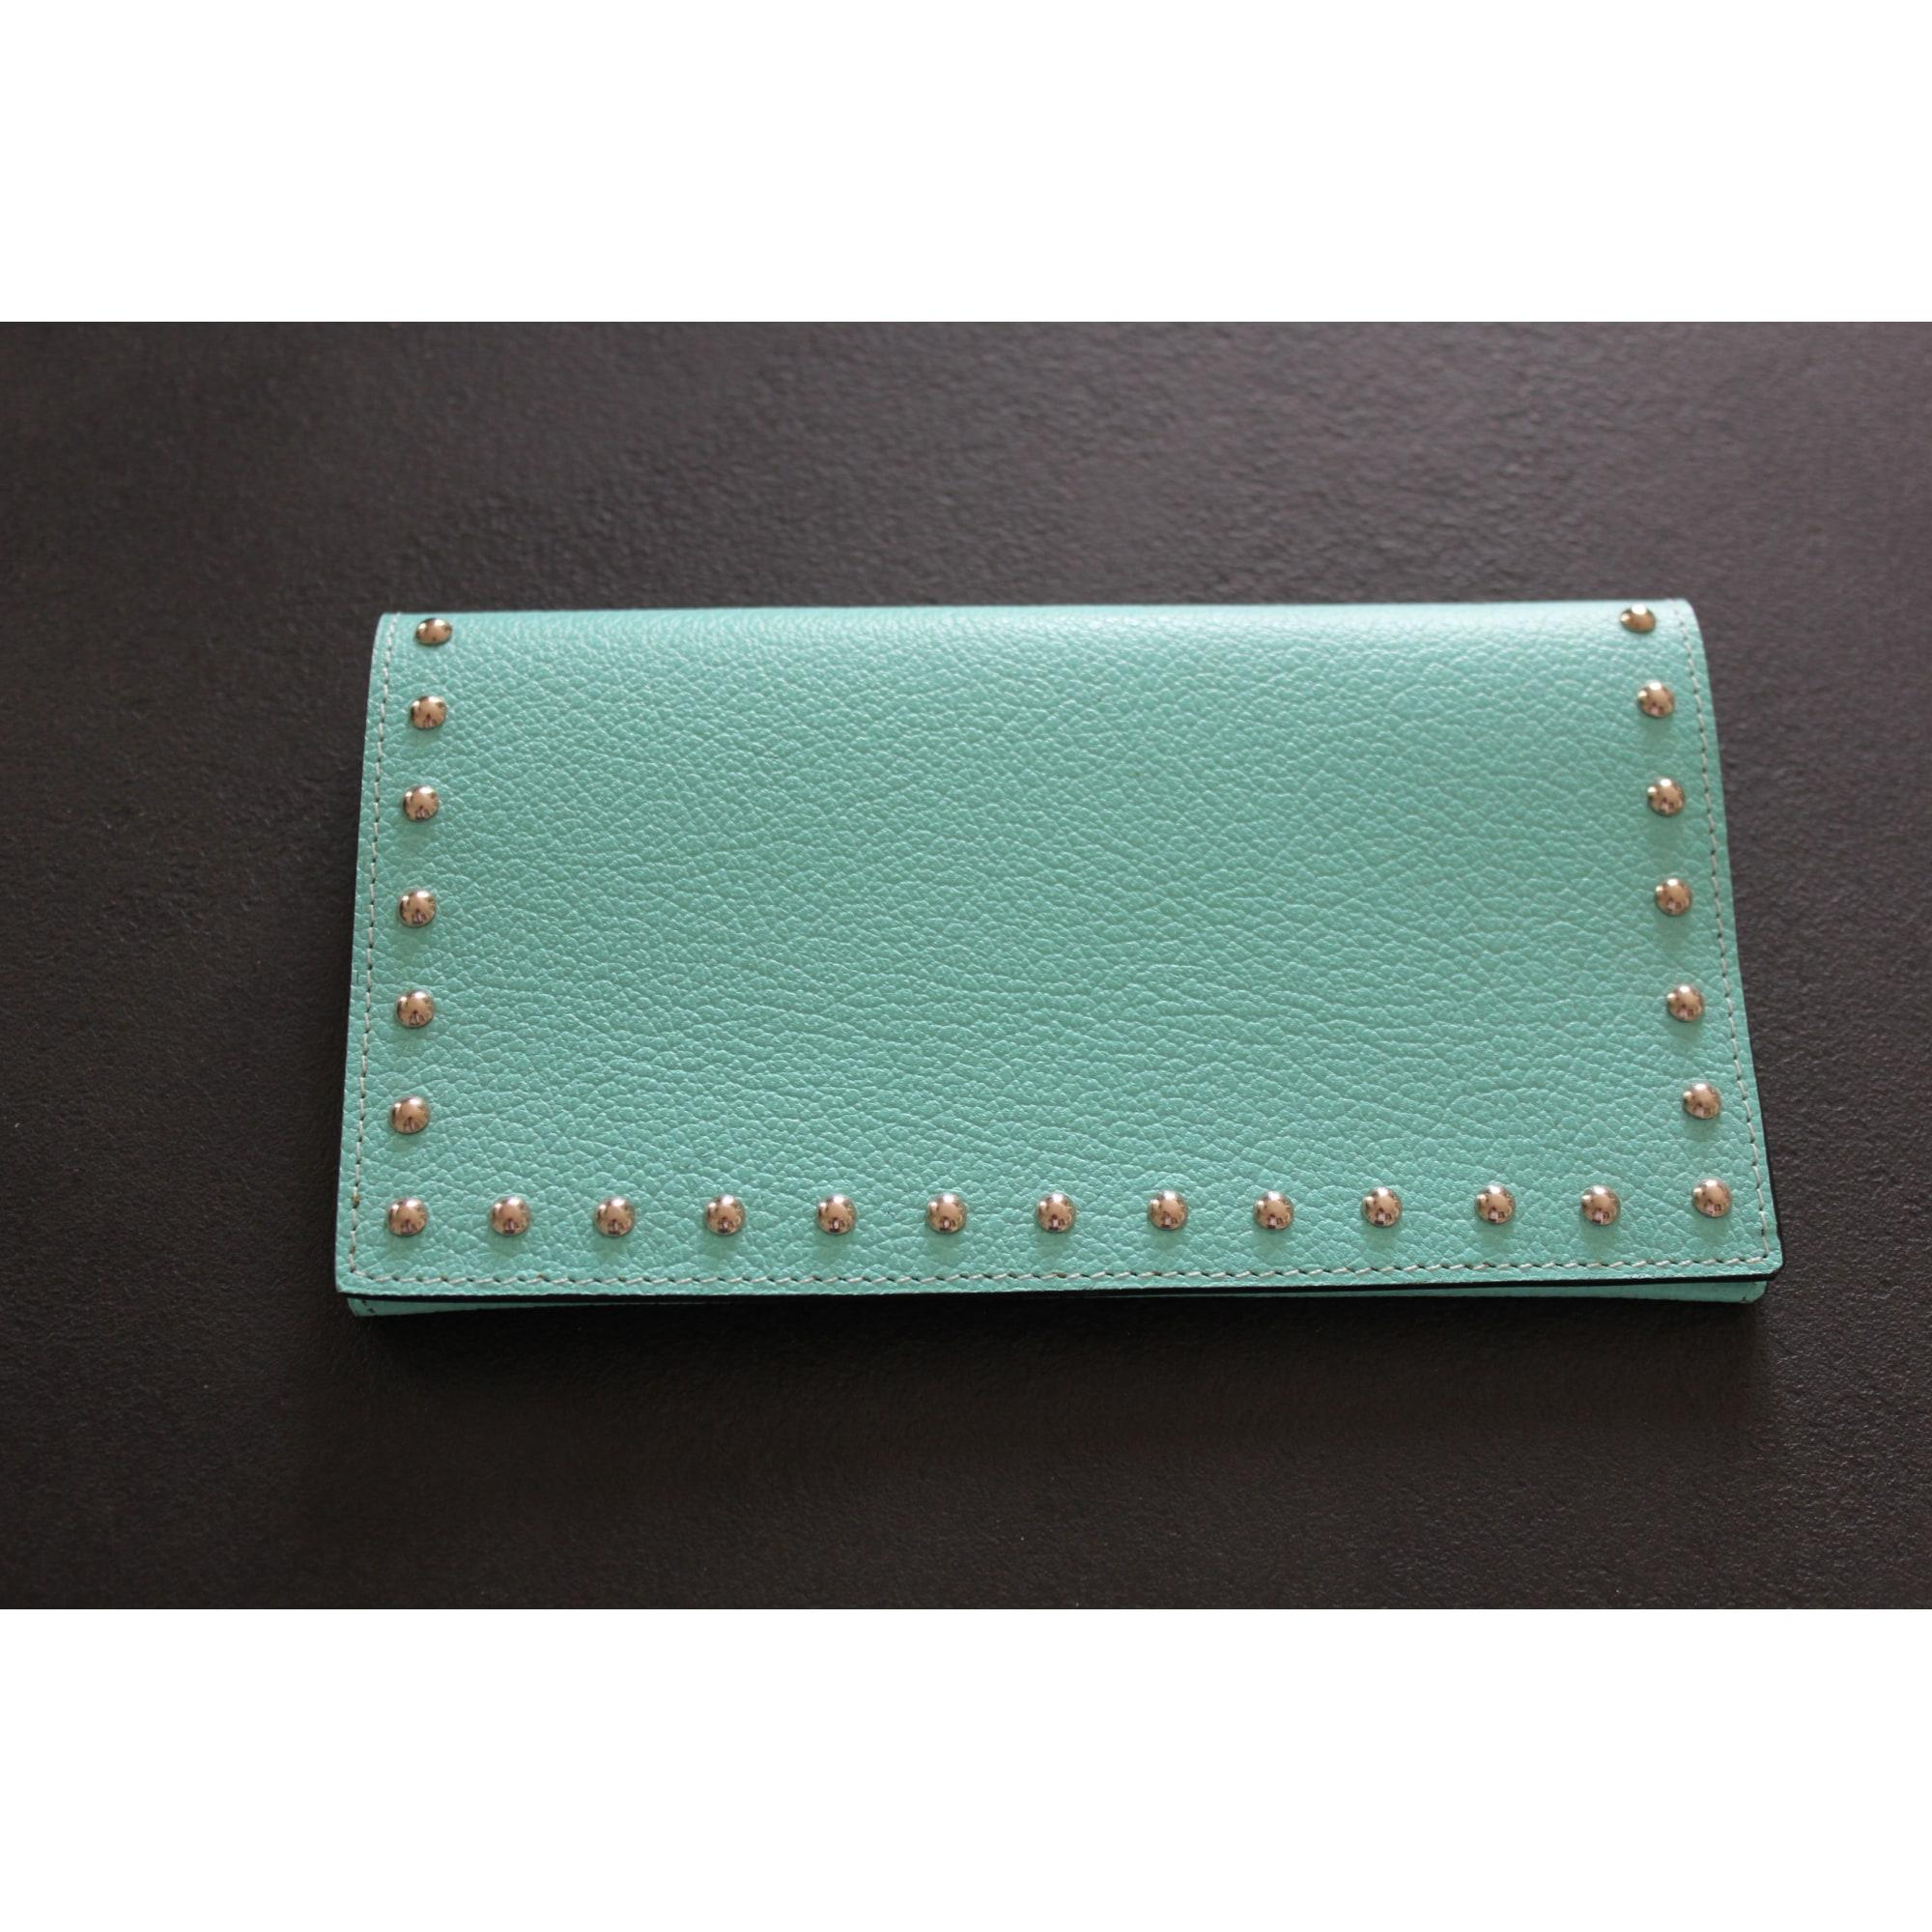 Porte-chéquier LAFFARGUE bleu vendu par Claire 3067 - 6384273 411bdd0c583